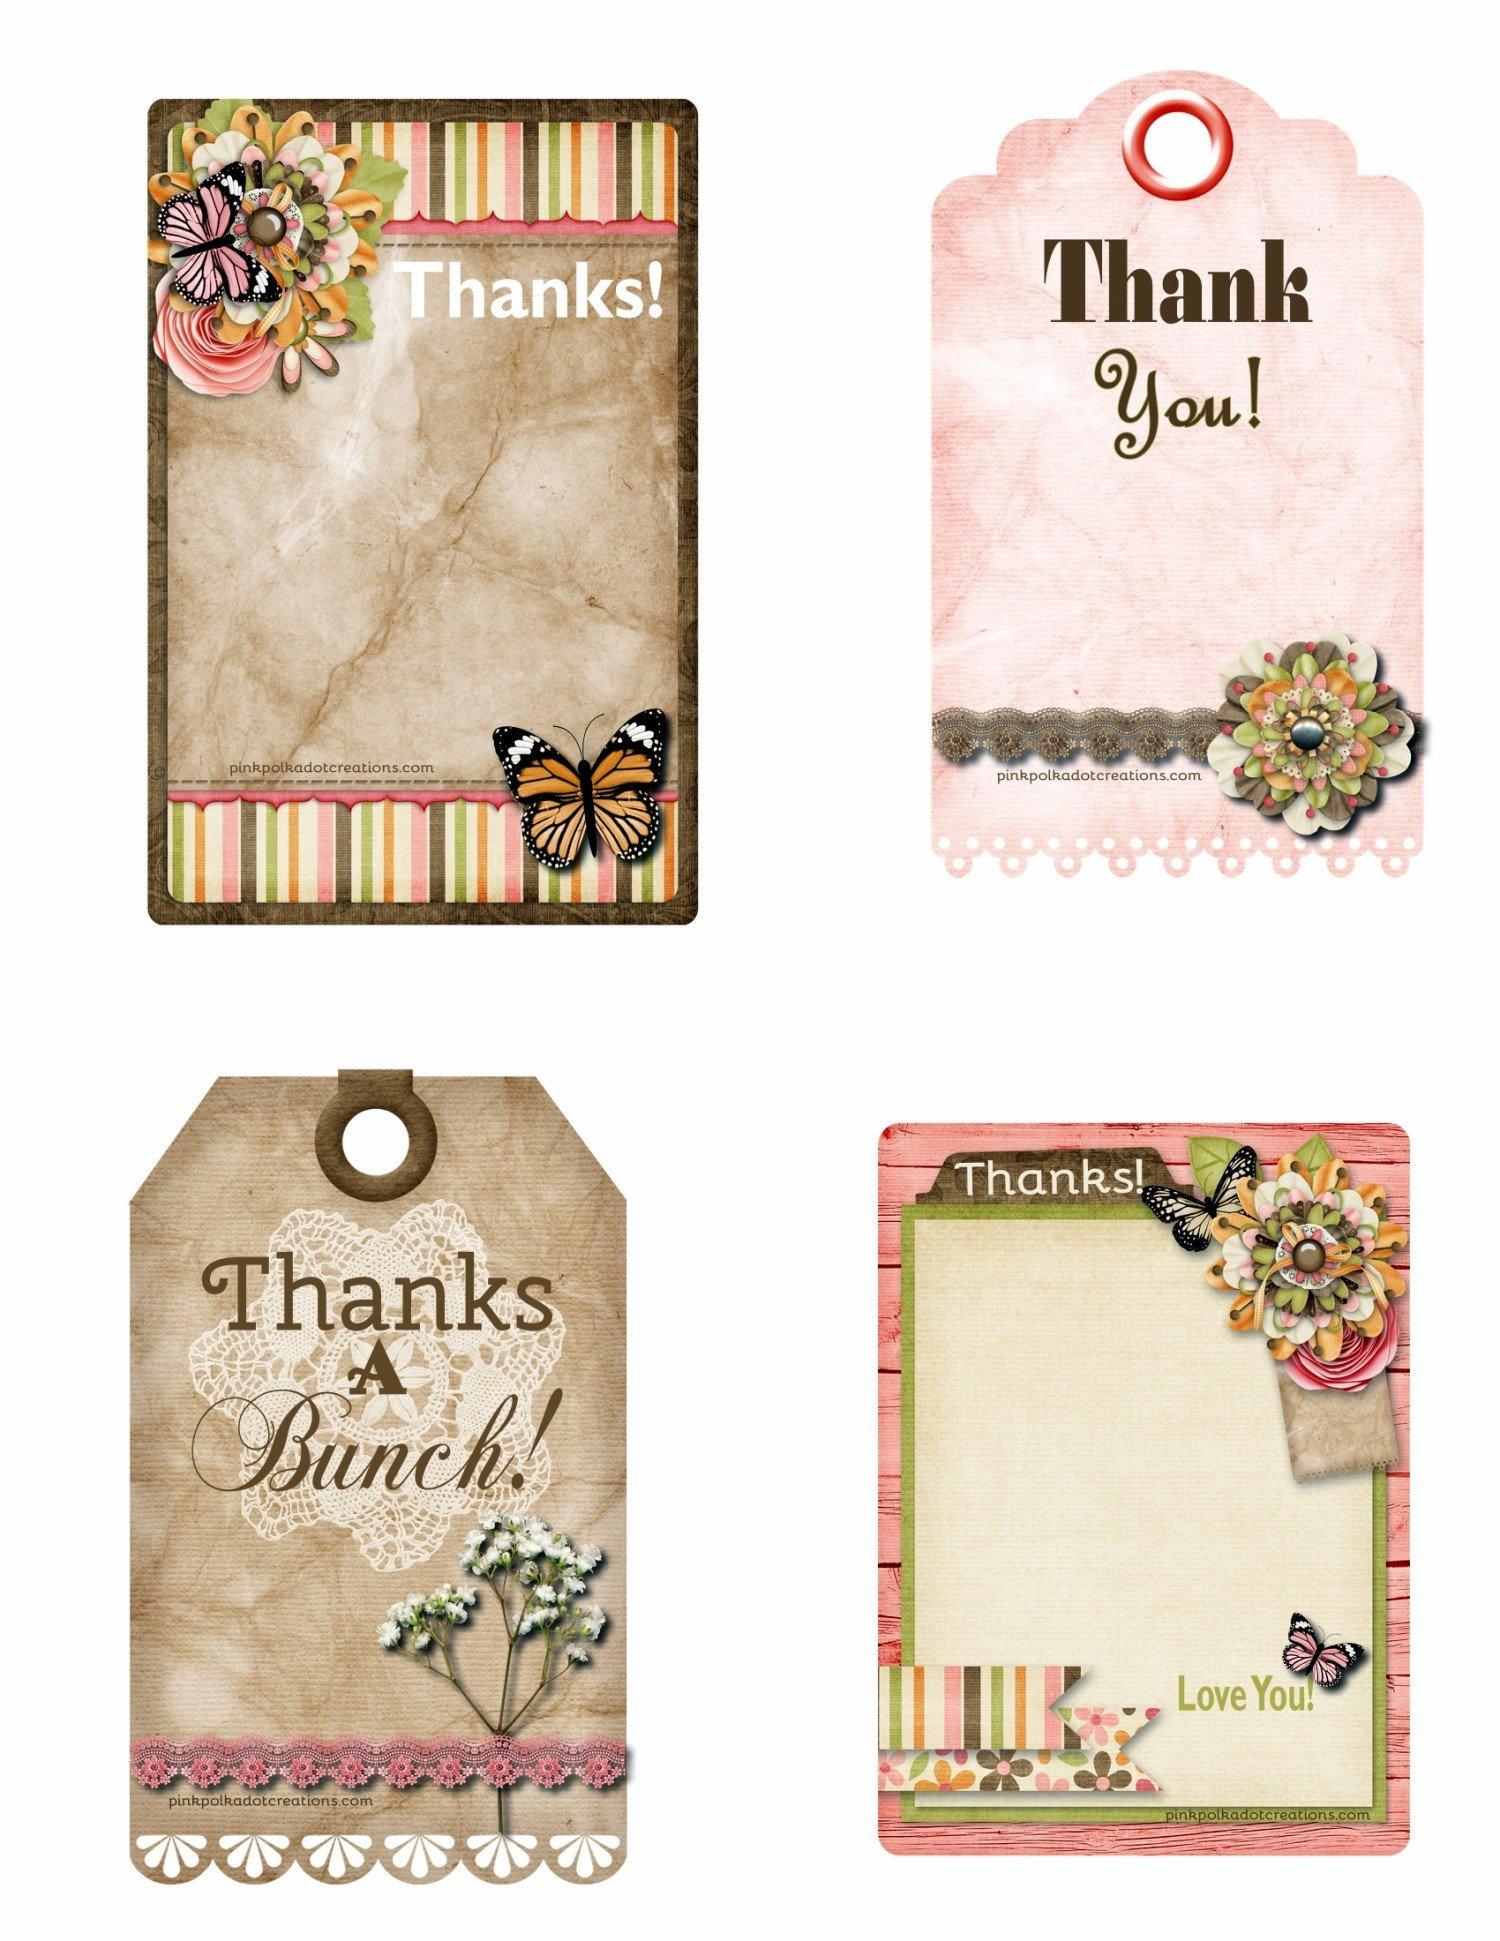 Thank You Printable Tags Printable Thank You Tags Pink Polka Dot Creations